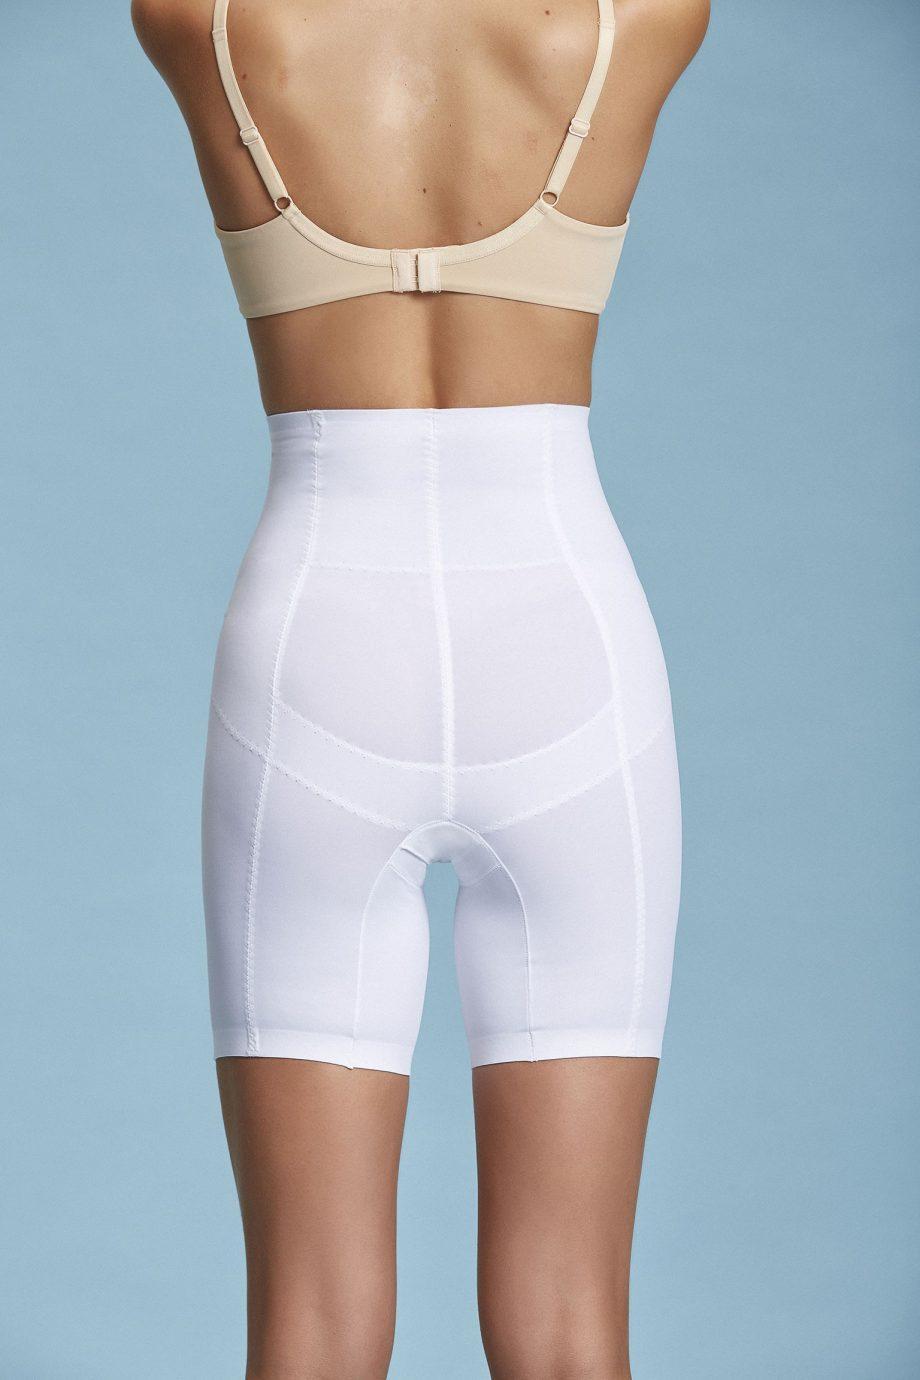 Pantaloncino modellante vita alta effetto push up